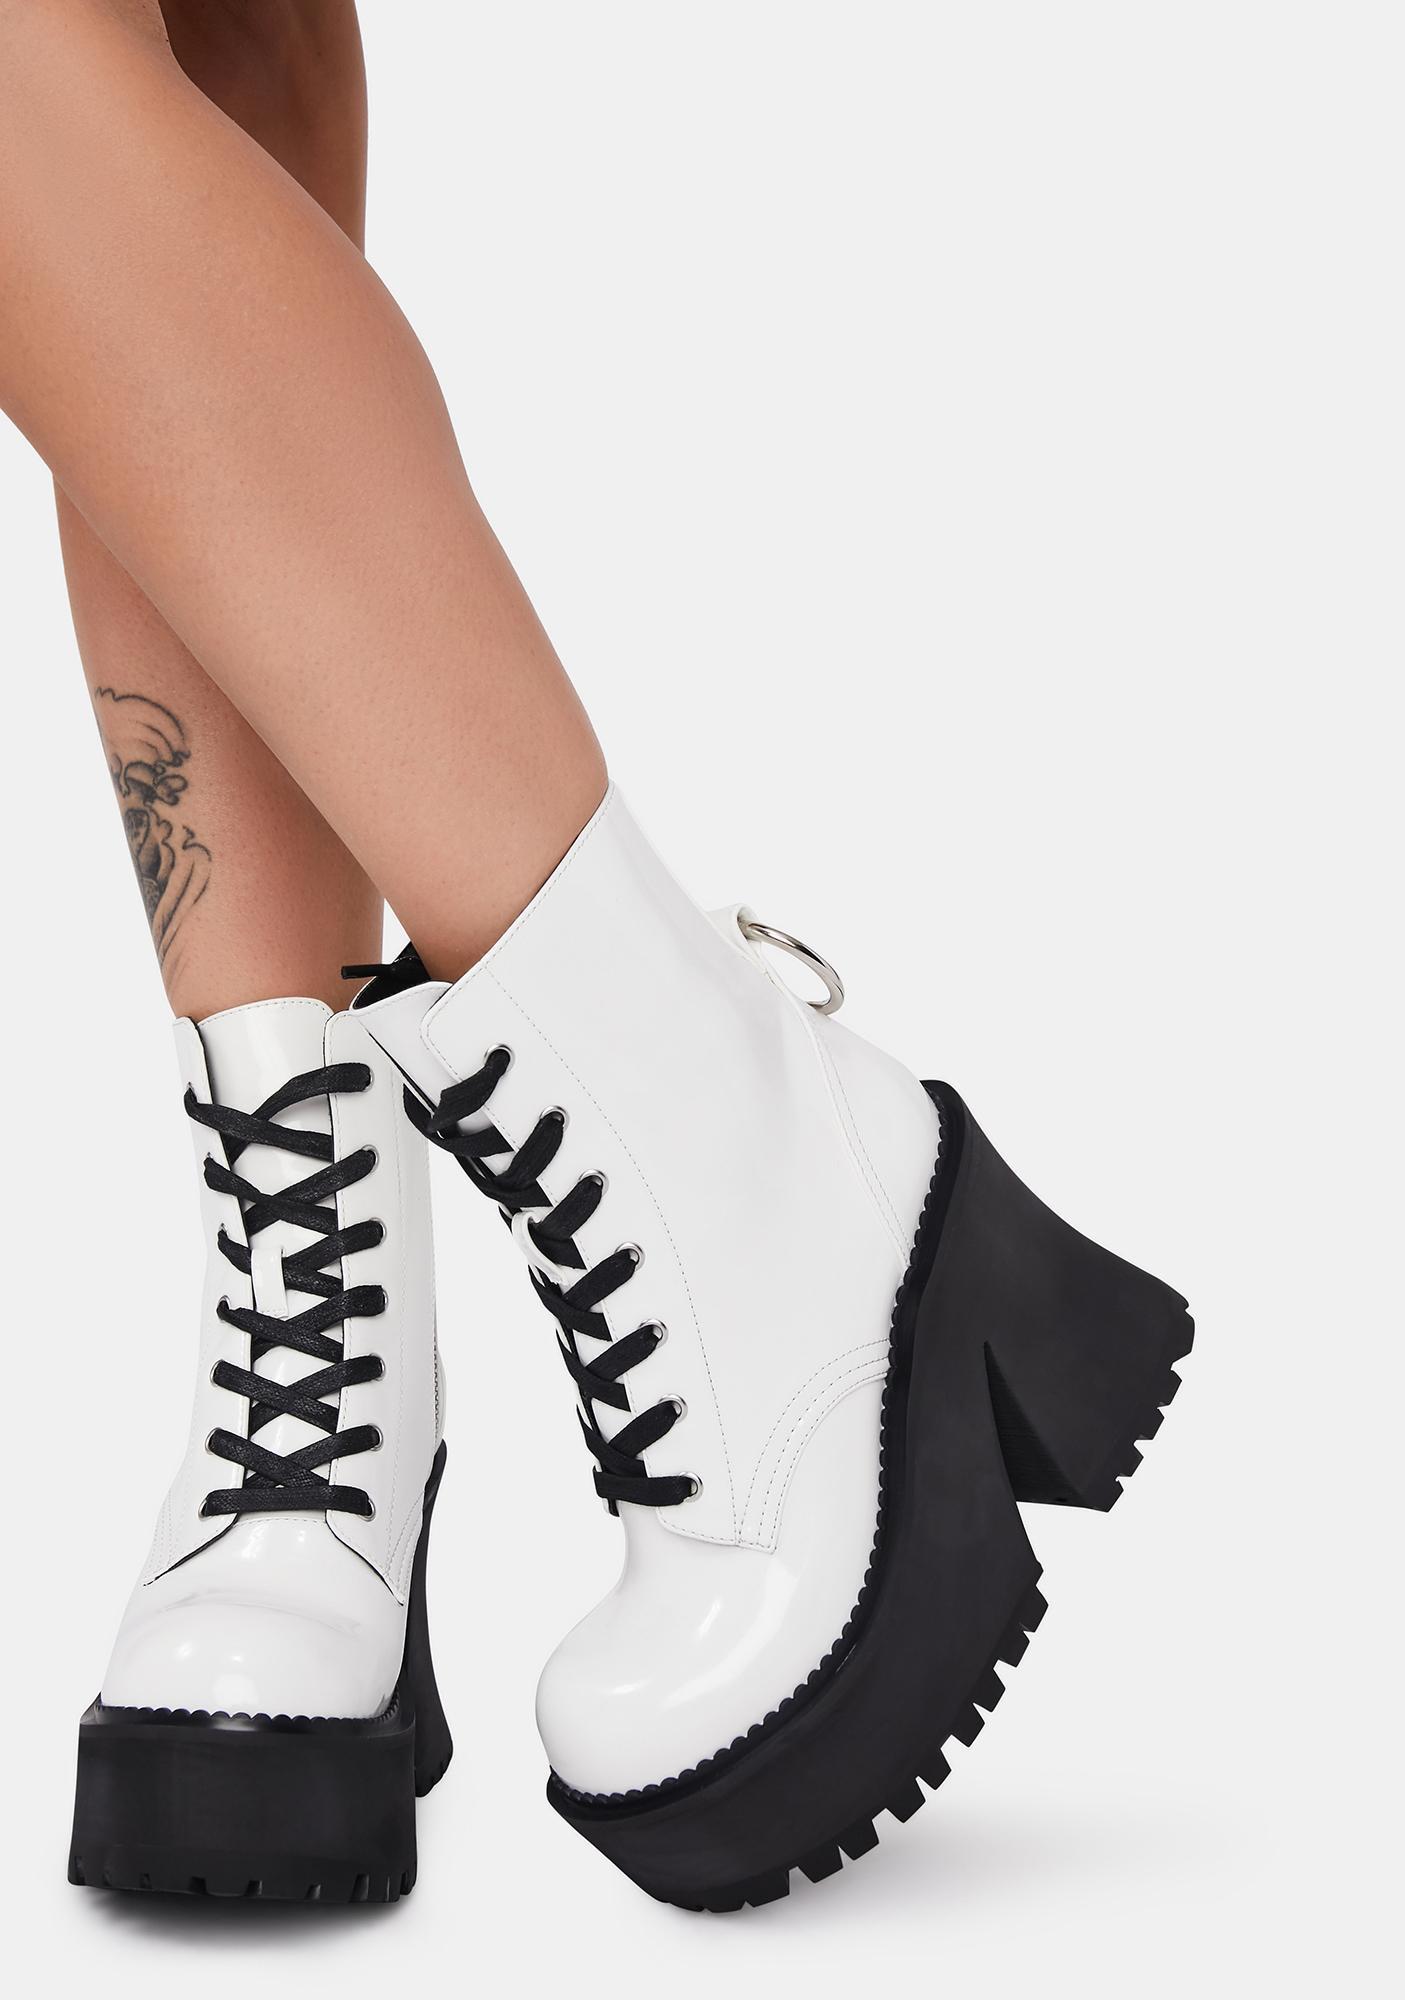 dELiA*s by Dolls Kill Labor Of Love Combat Boots